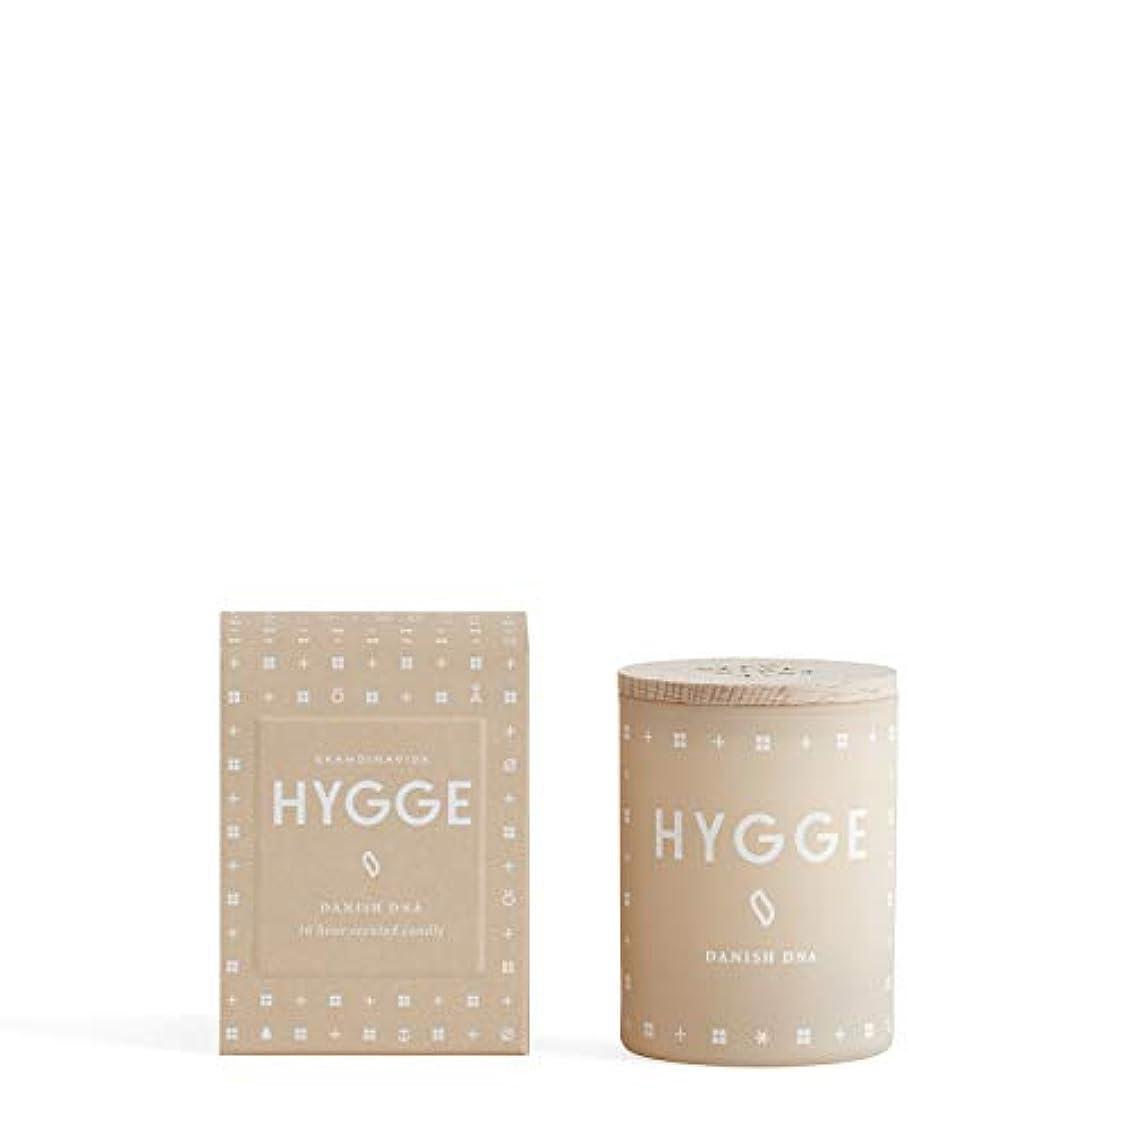 嫌がらせ垂直グリーンランドSKANDINAVISK ミニセンテッドキャンドル HYGGE (COSY LIVING) 55g